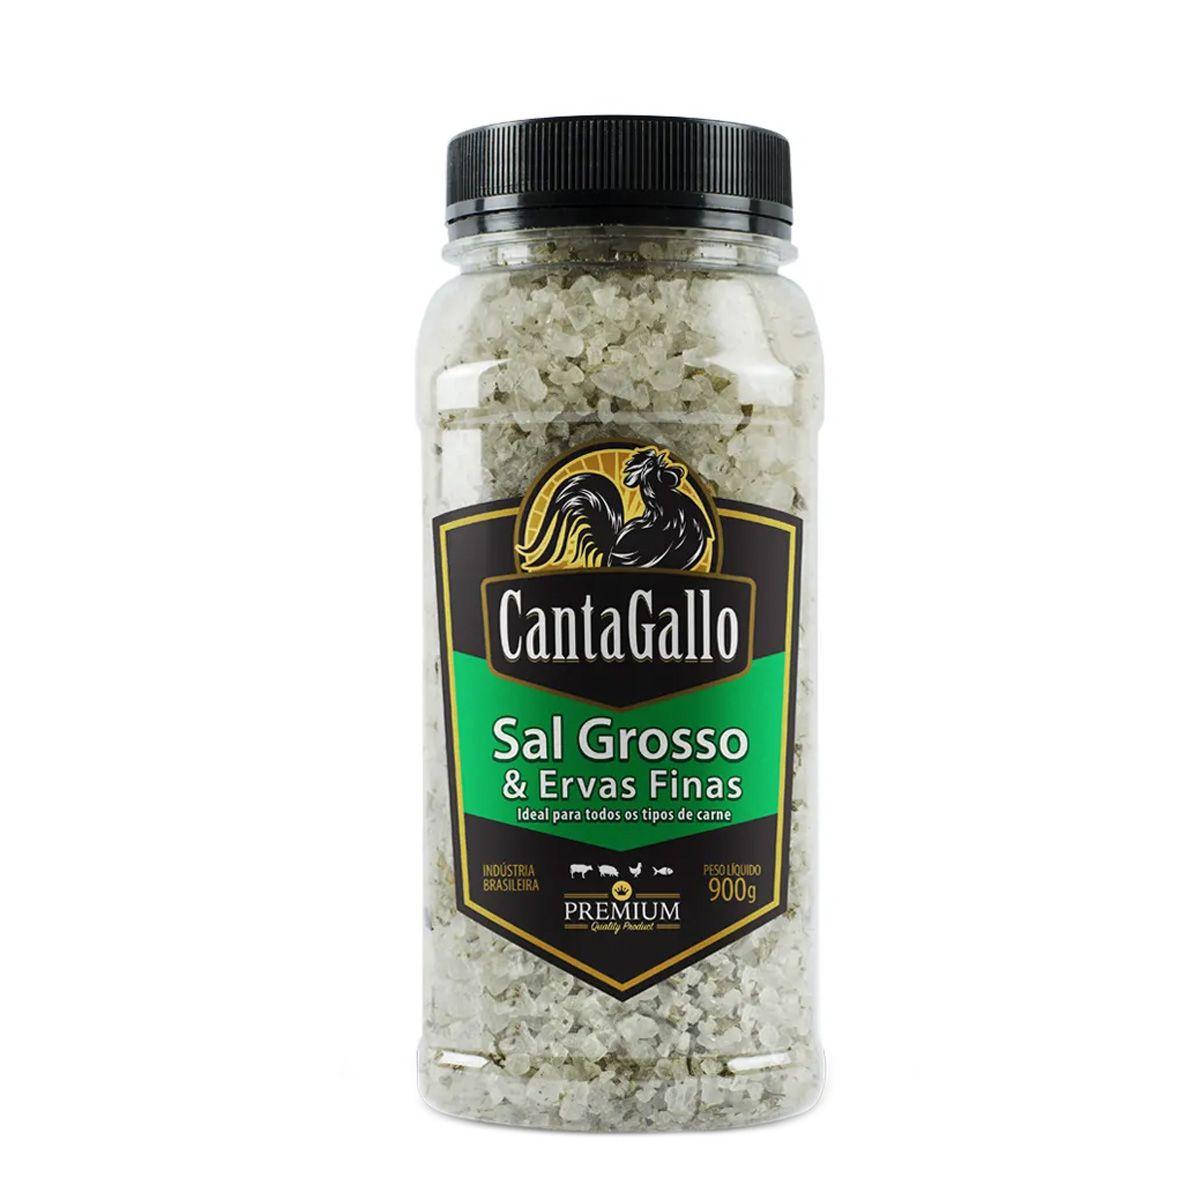 Sal Grosso e Ervas Finas Cantagallo Premium 900g